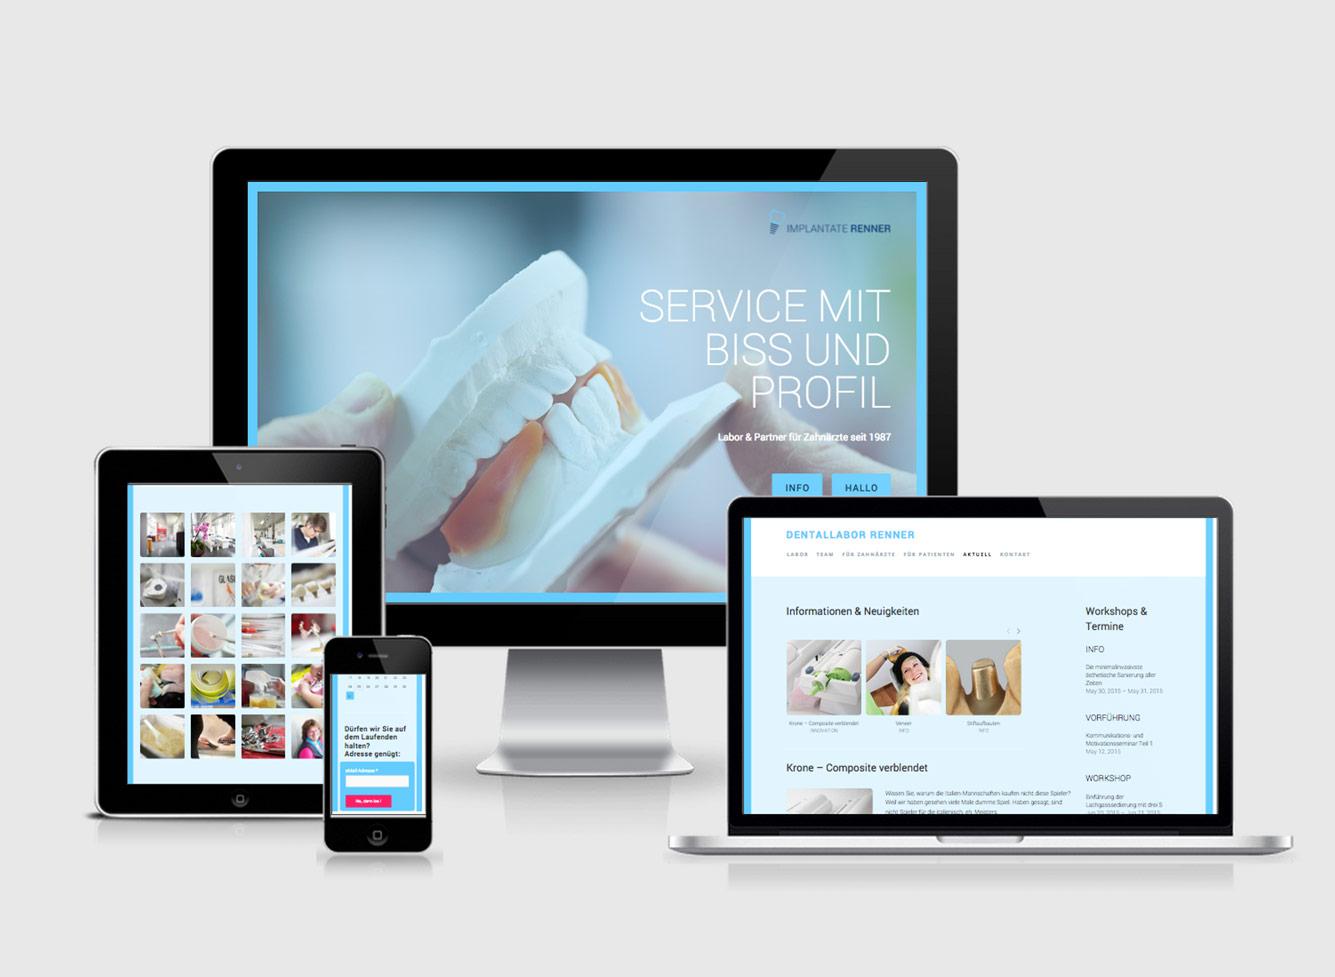 renner-homepage-crop.jpg